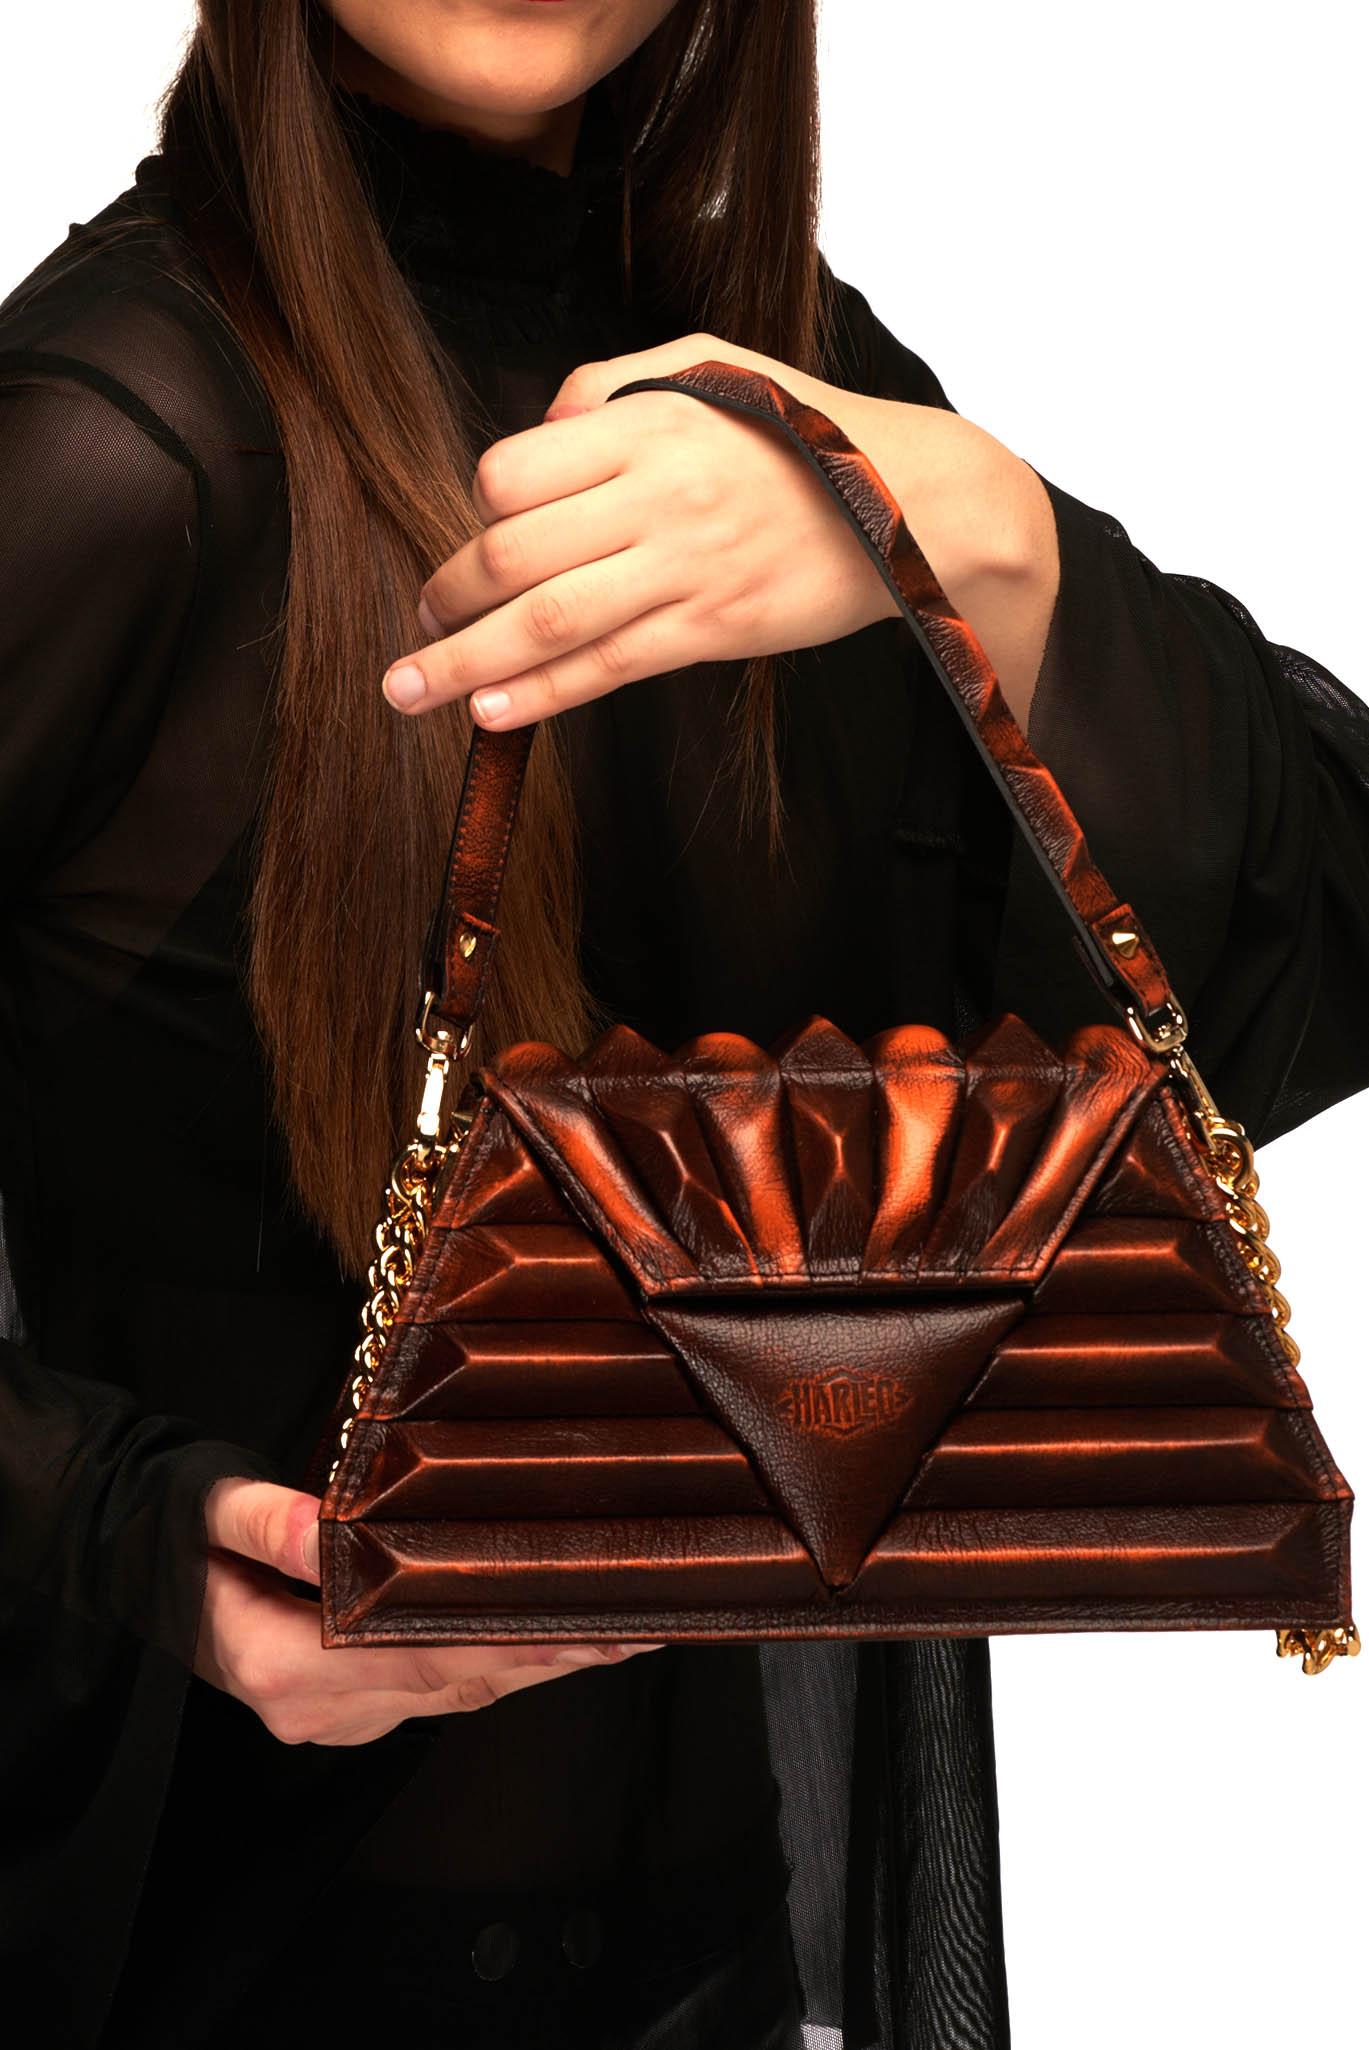 Harleq spinx pochette orange leather